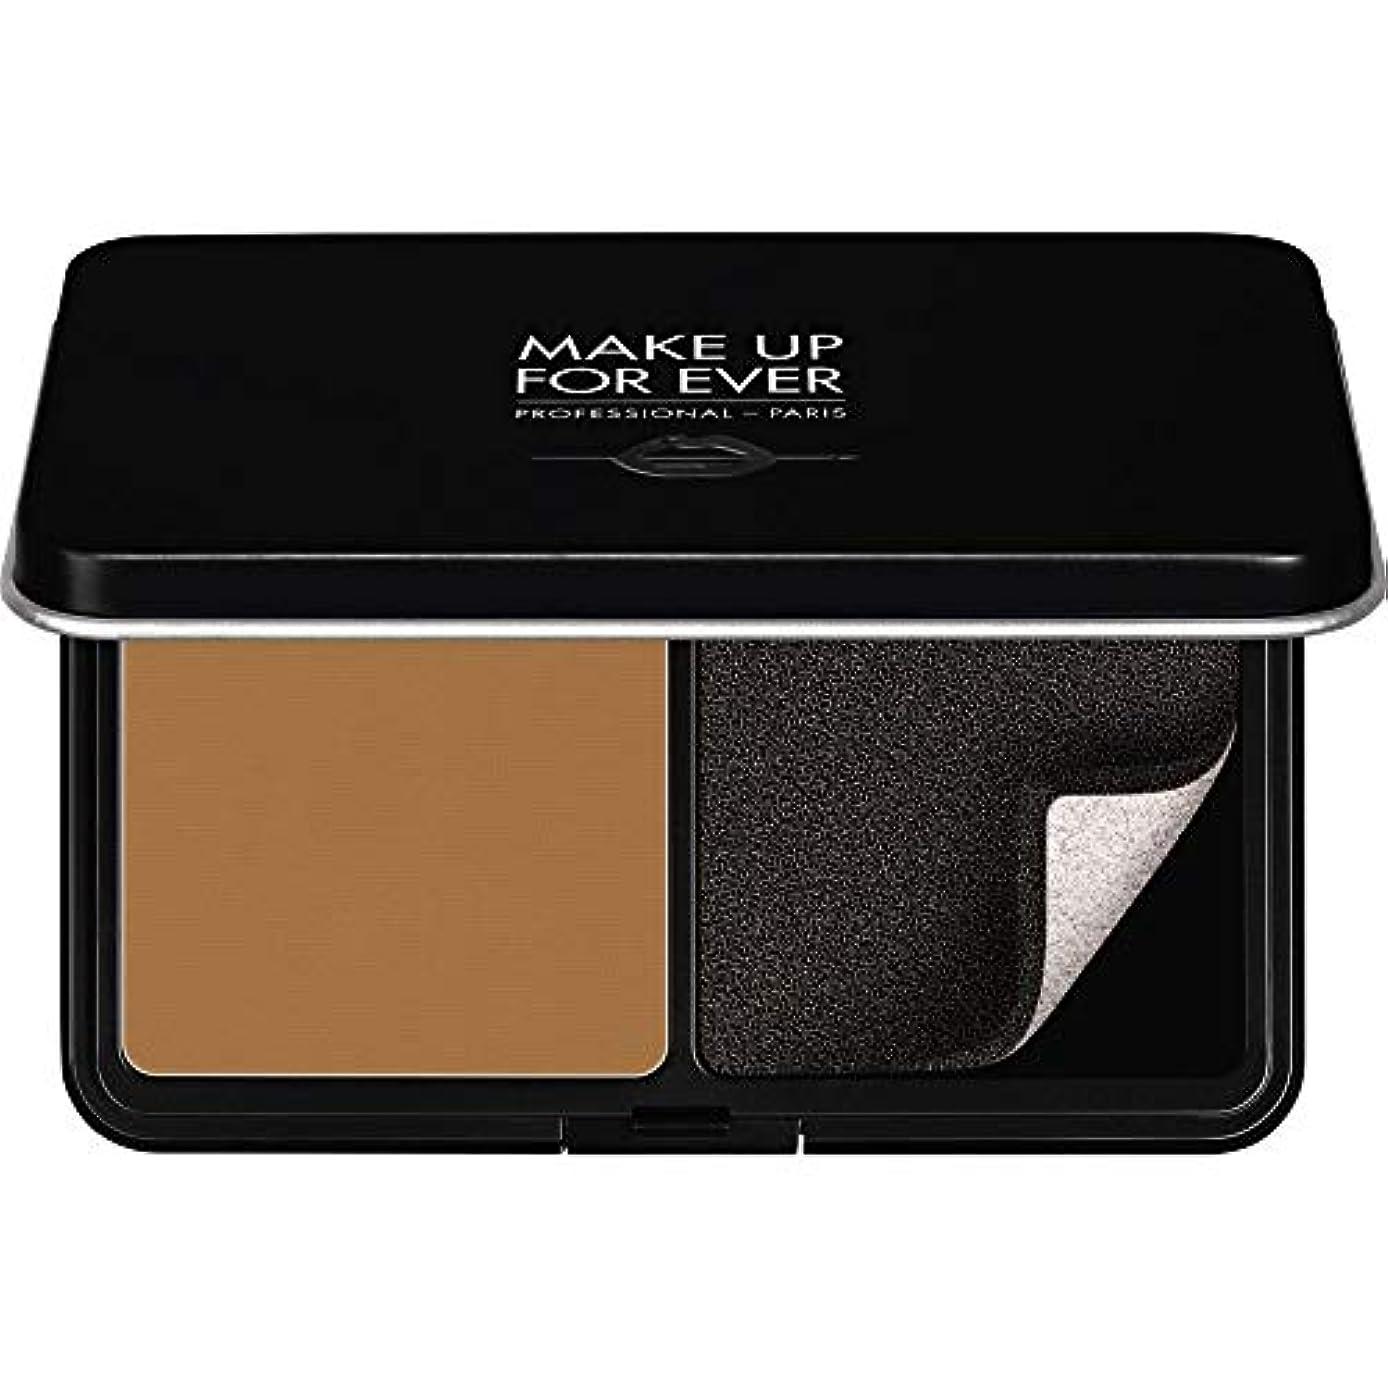 野なおしゃれな見込み[MAKE UP FOR EVER] パウダーファンデーション11GののY505をぼかし、これまでマットベルベットの肌を補う - コニャック - MAKE UP FOR EVER Matte Velvet Skin Blurring Powder Foundation 11g Y505 - Cognac [並行輸入品]